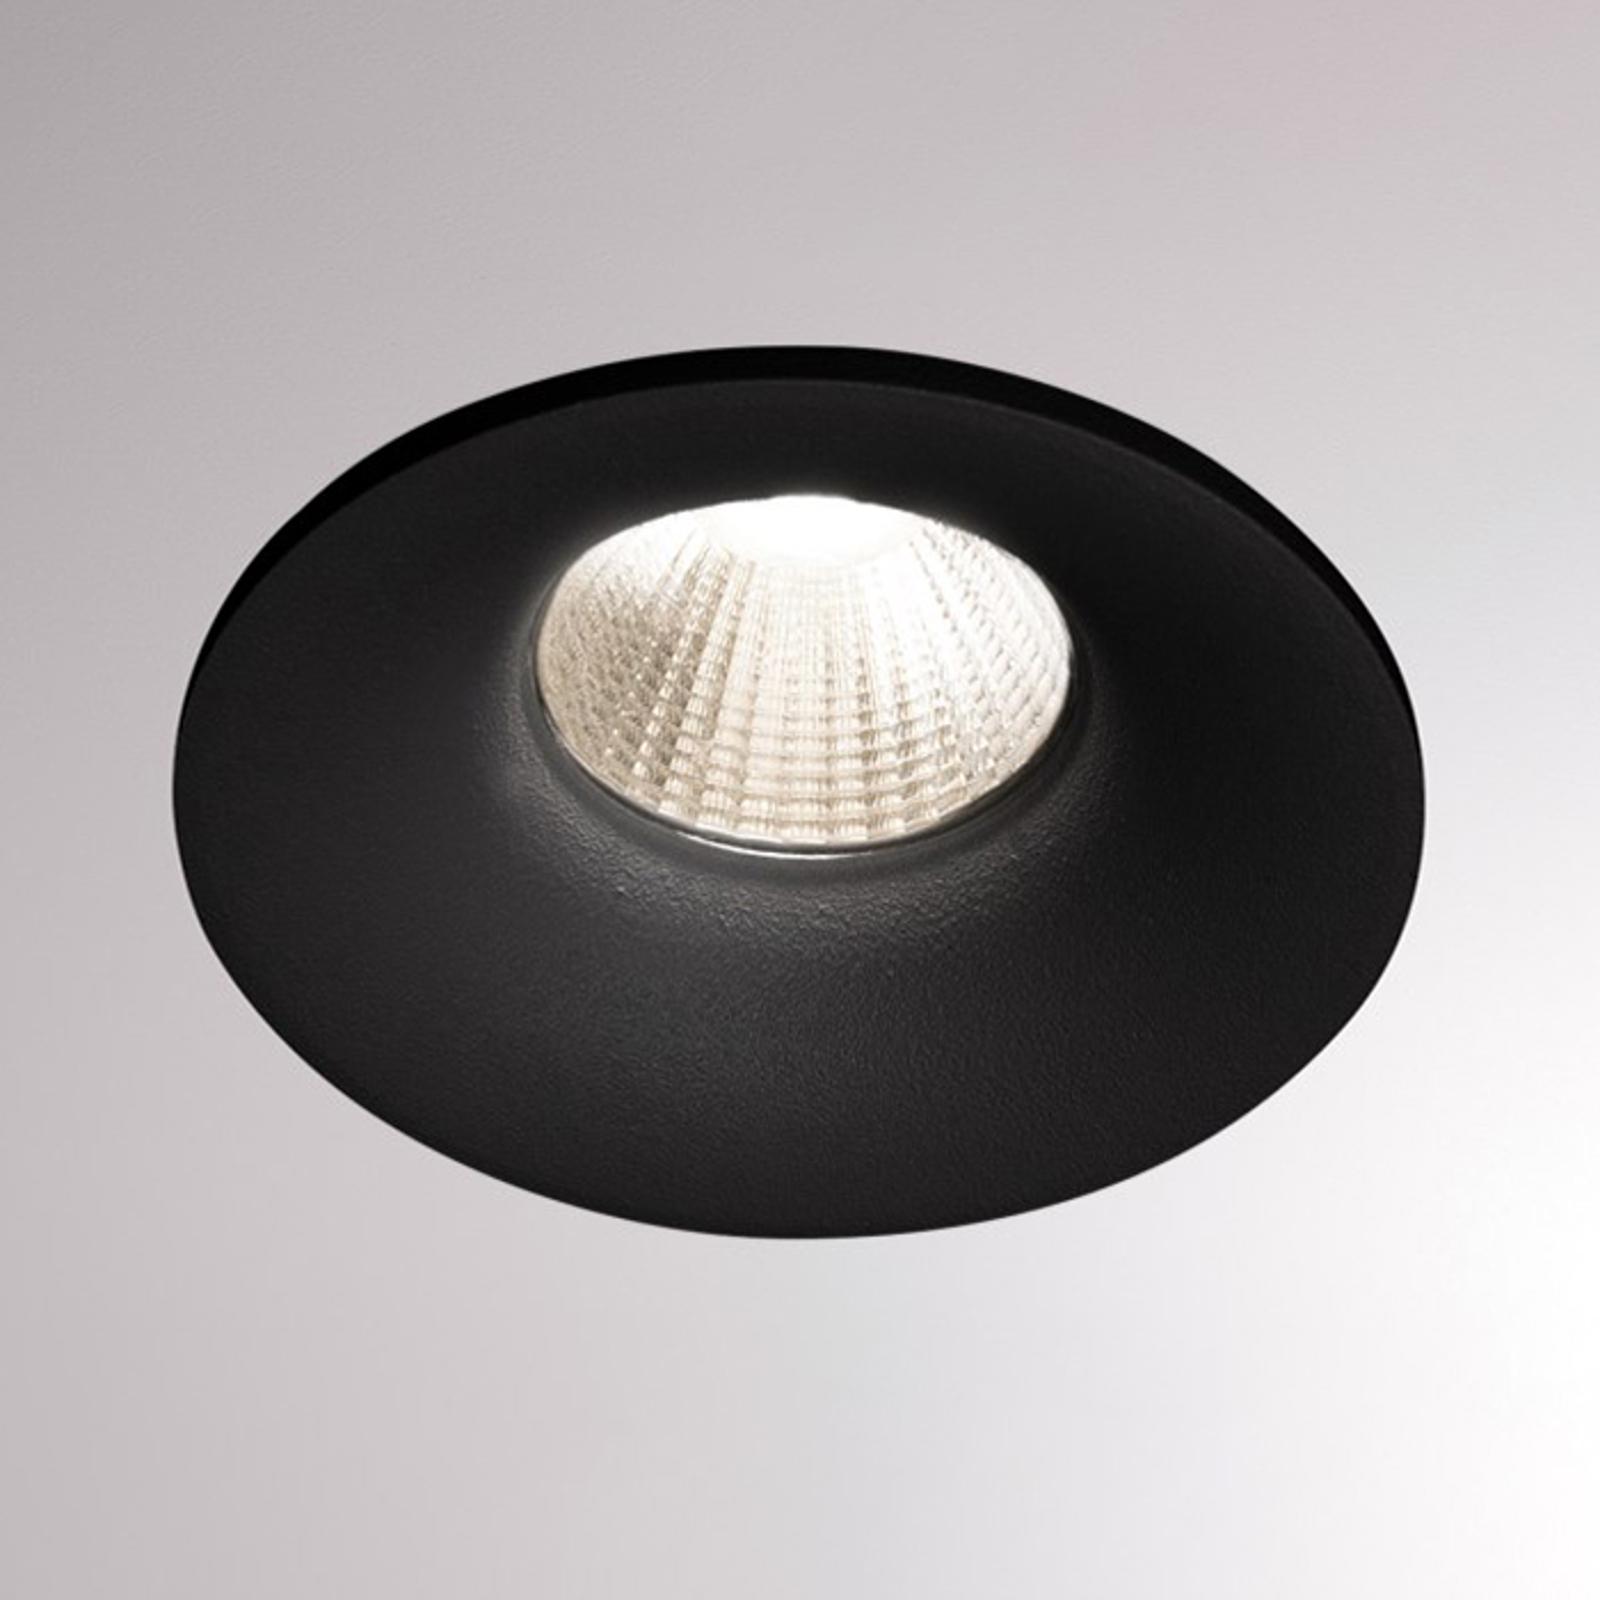 Spot encastré LED Ivy Round 7W 3000K 40° noir